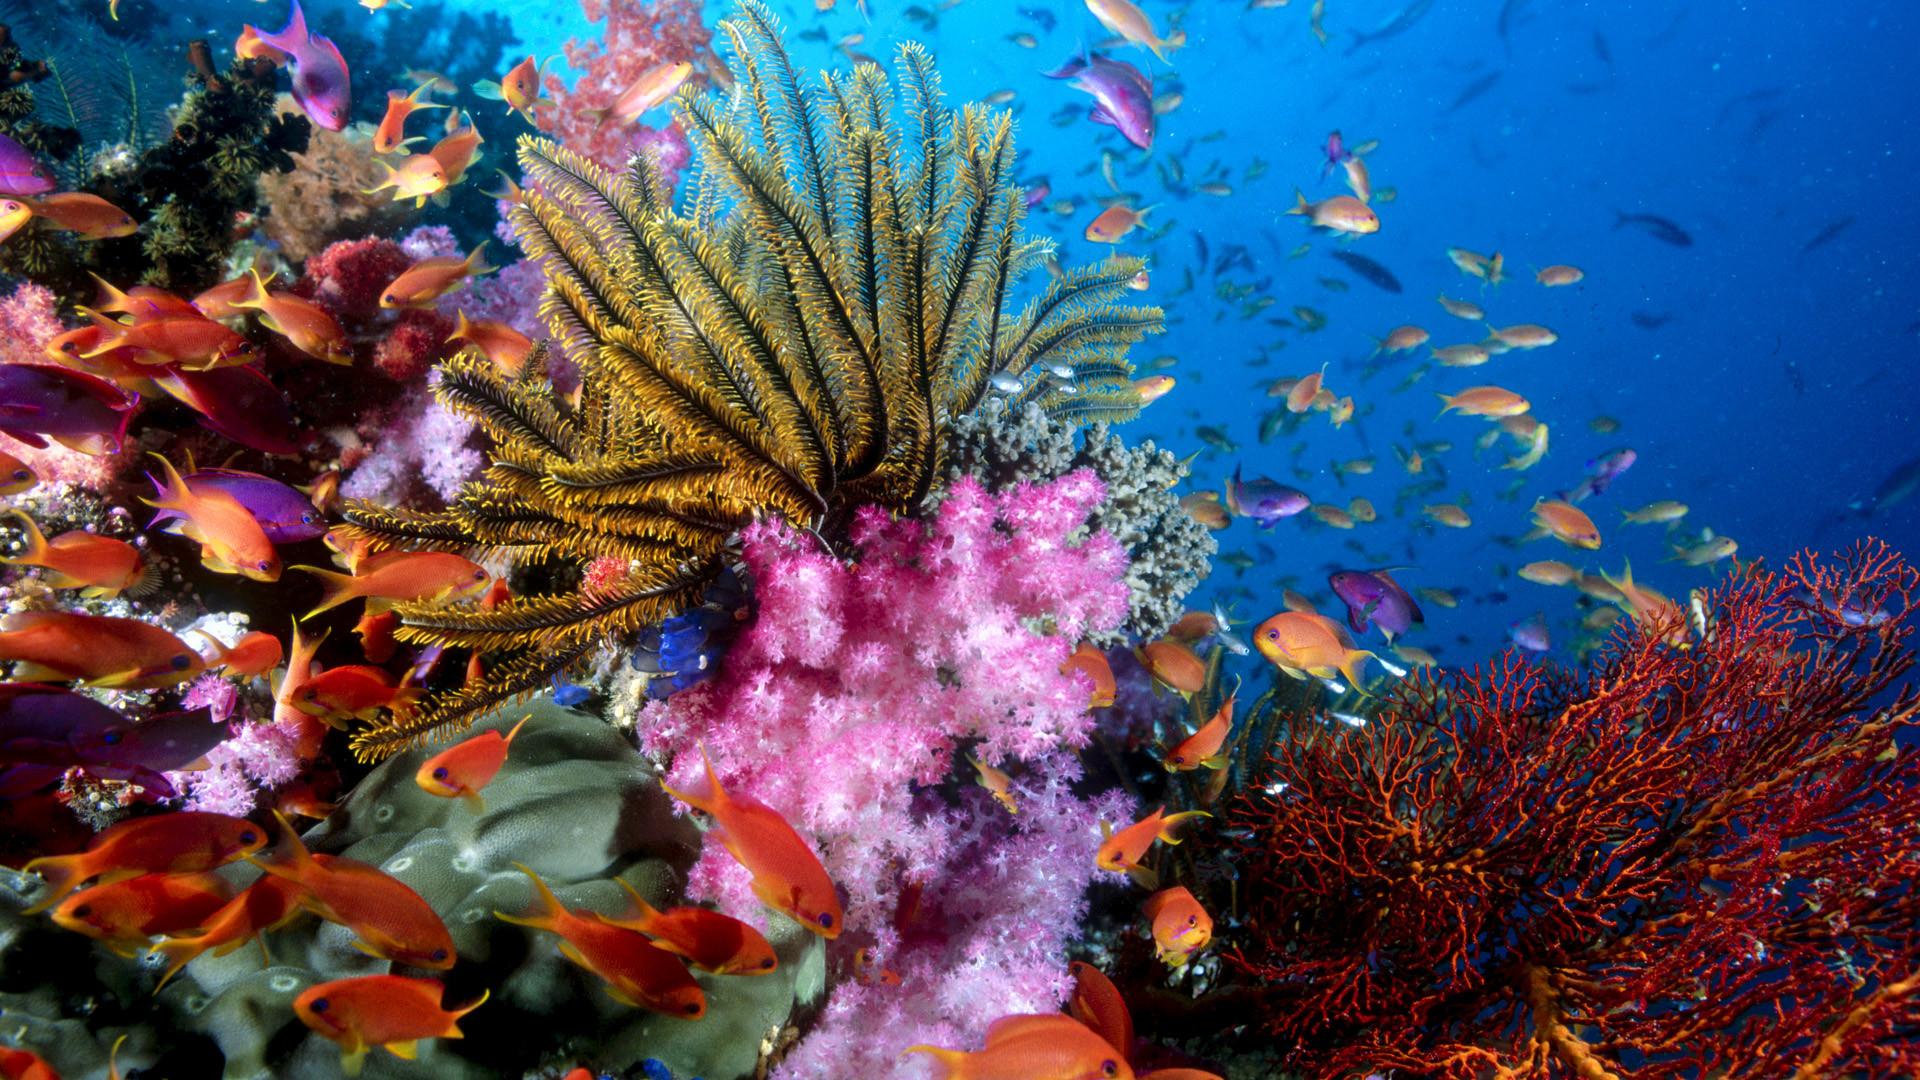 Animal – Sea Life Wallpaper